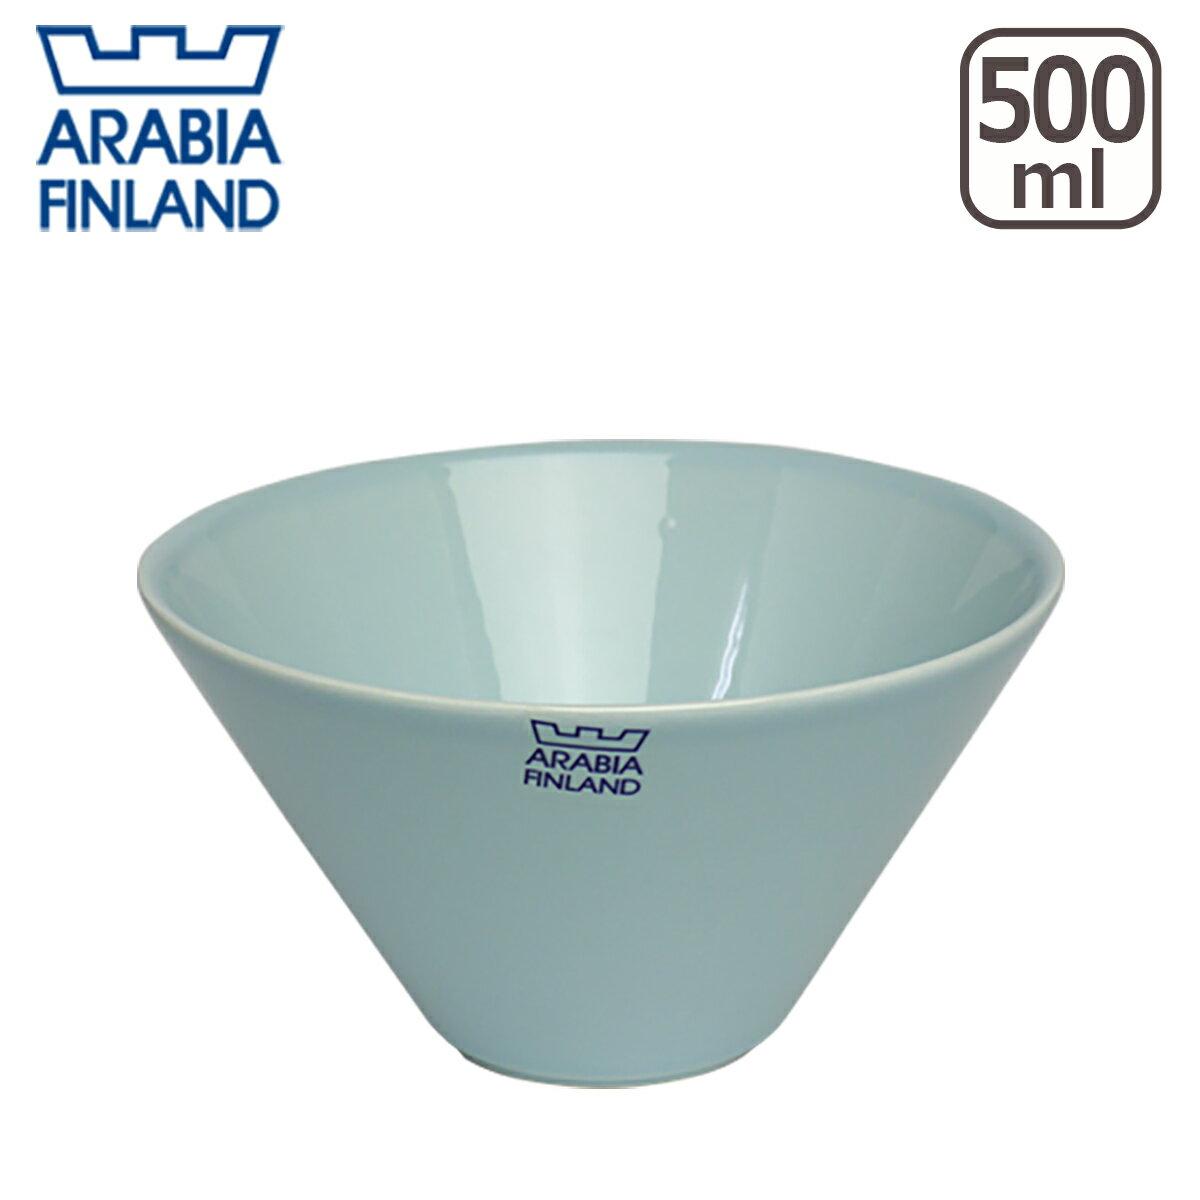 アラビア(Arabia) ココ(koko) ボウル 500ml アクア 北欧 食器 ギフト・のし可 GF3